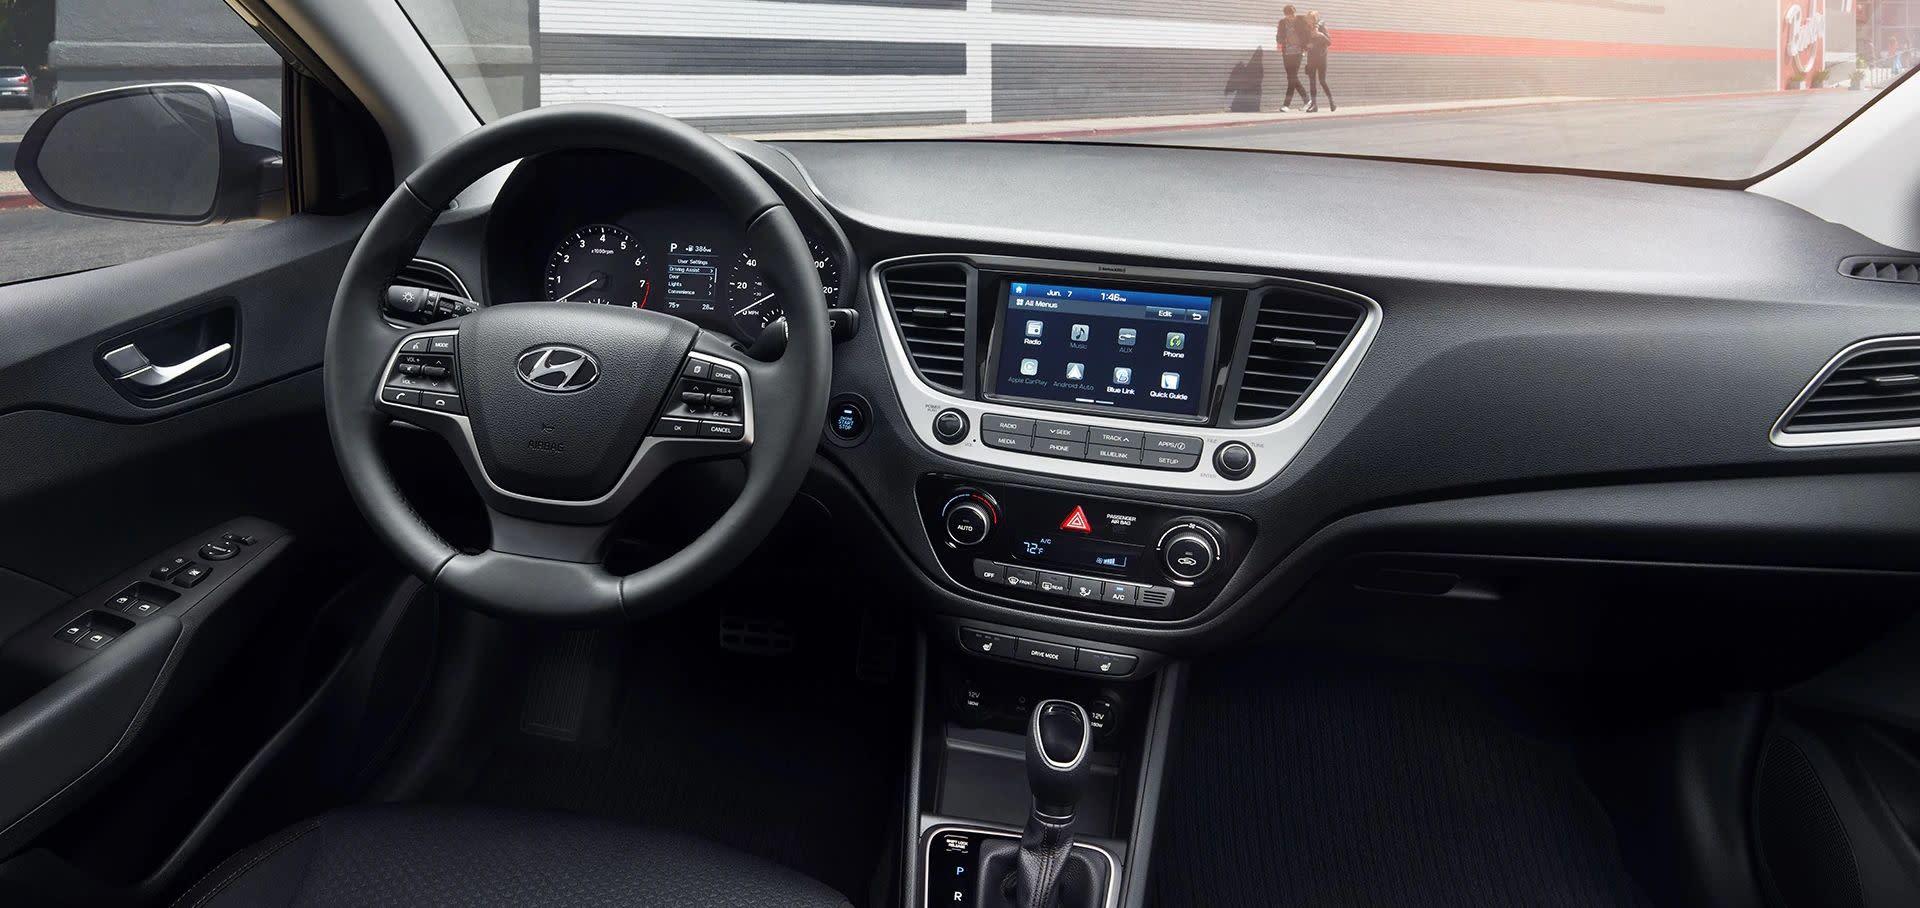 2019 Hyundai Accent Interior